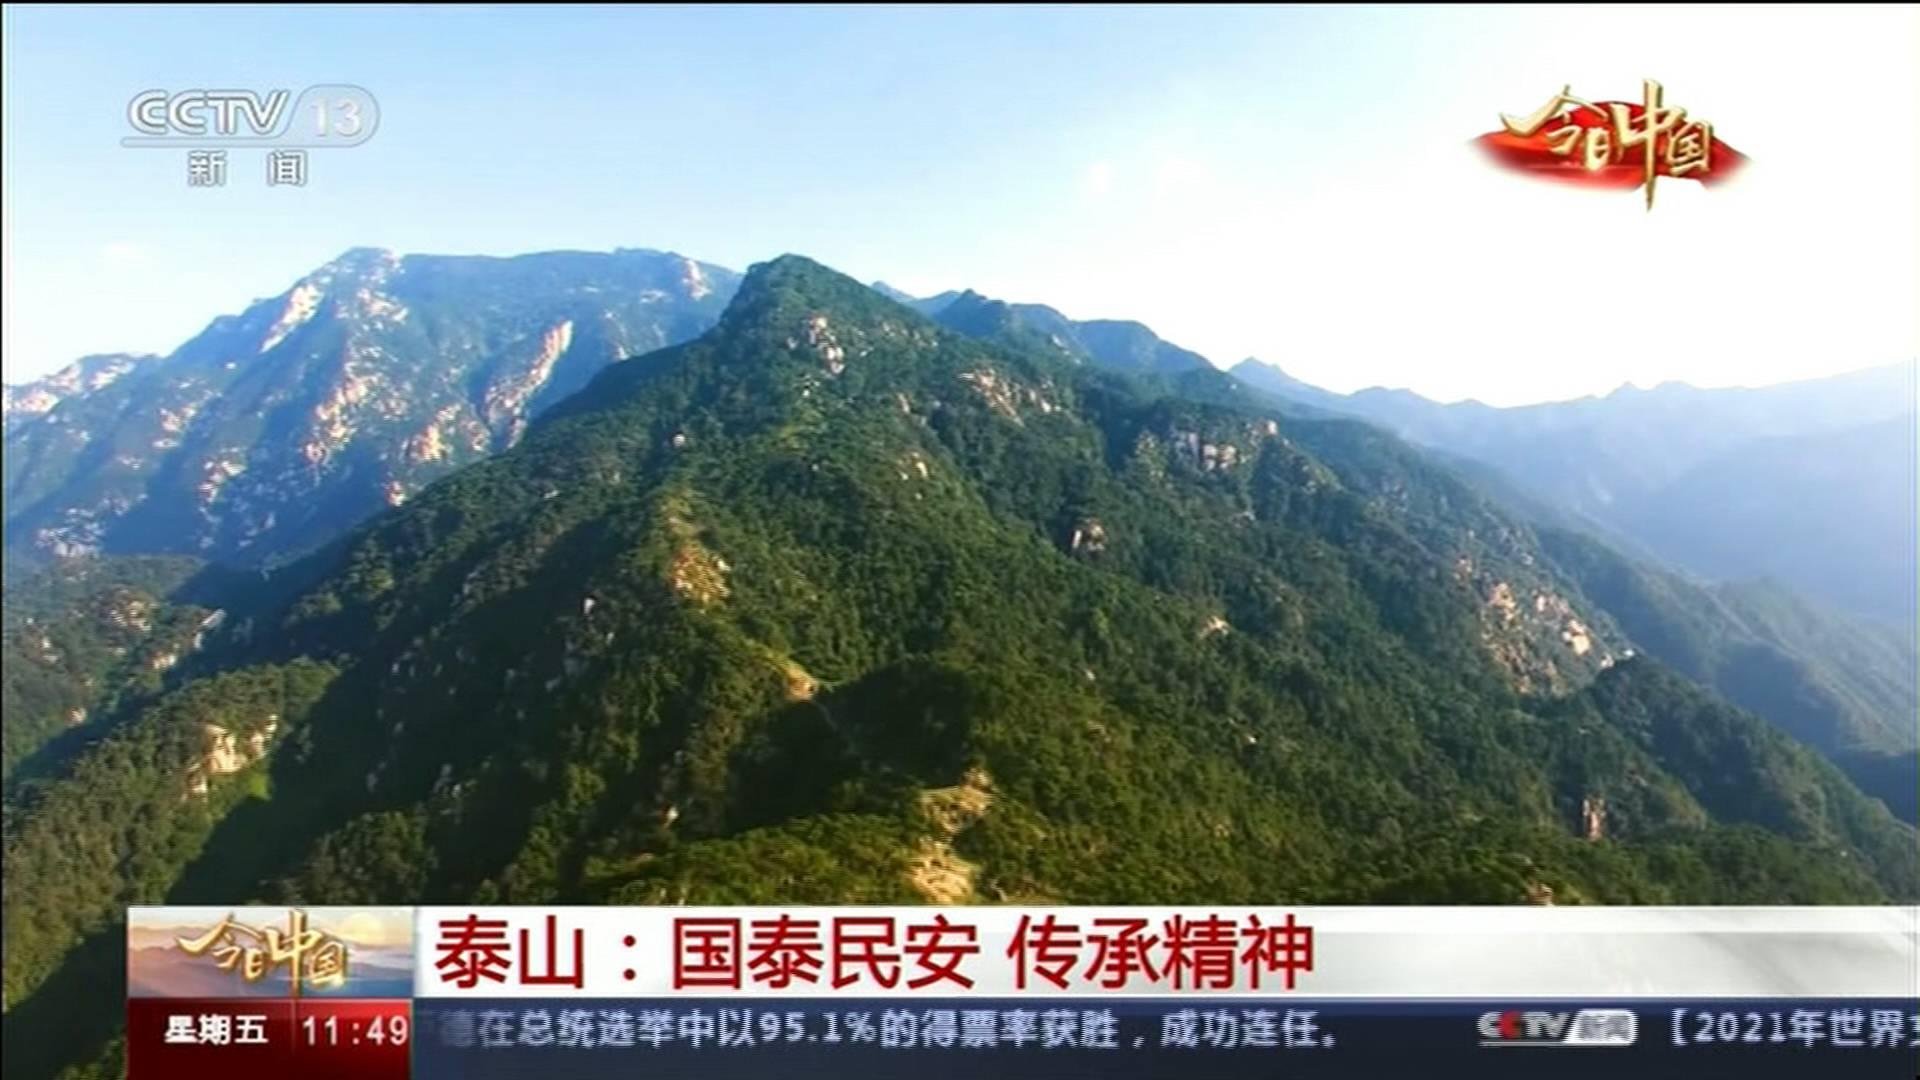 今日中国·山东篇丨泰山:国泰民安 传承精神